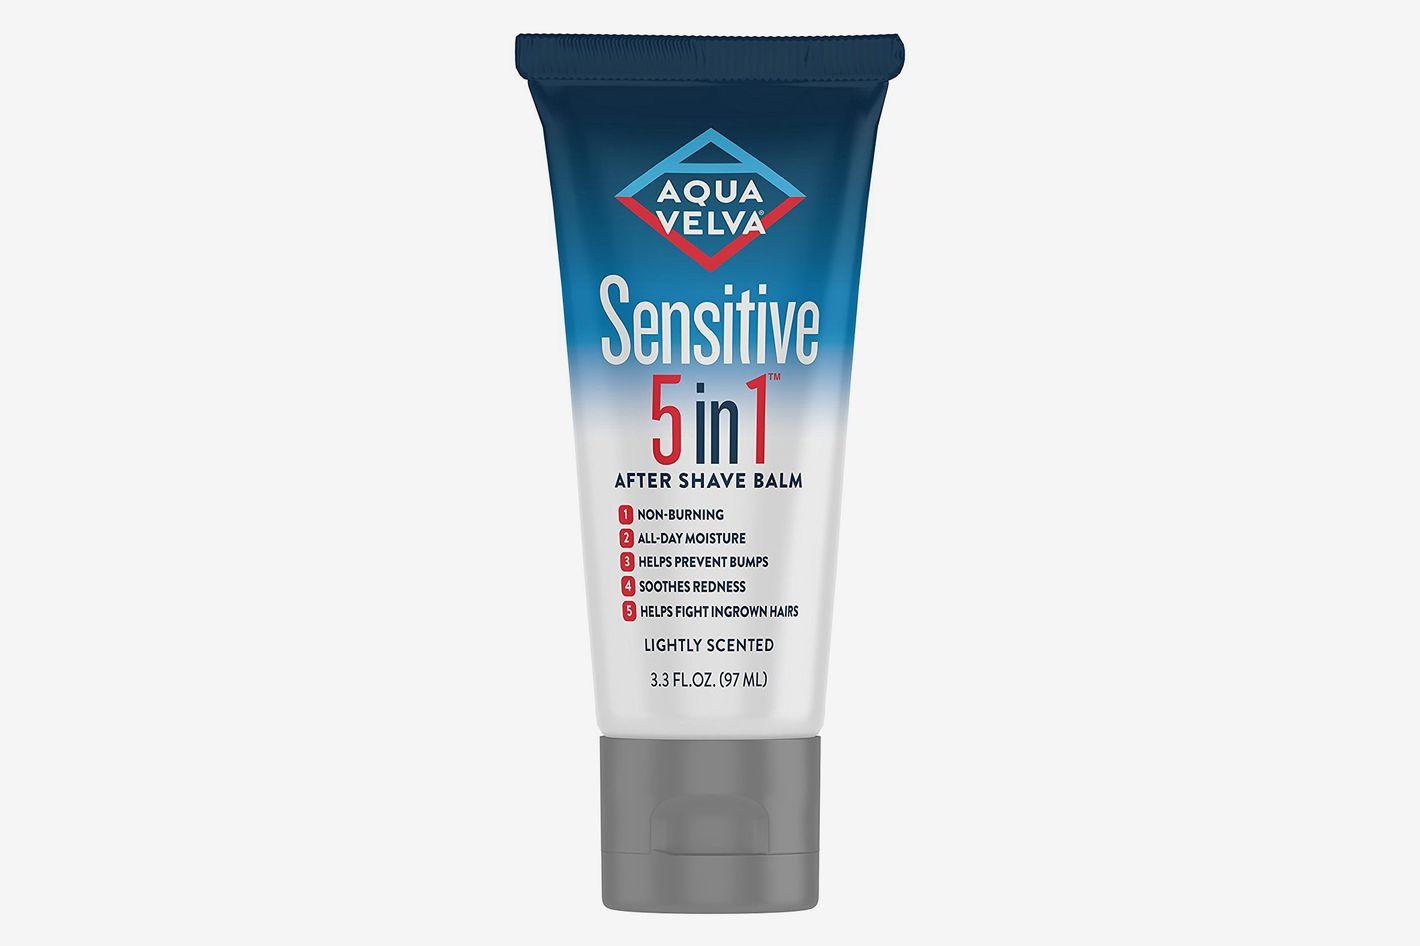 Aqua Velva Sensitive 5 in 1 After Shave Balm